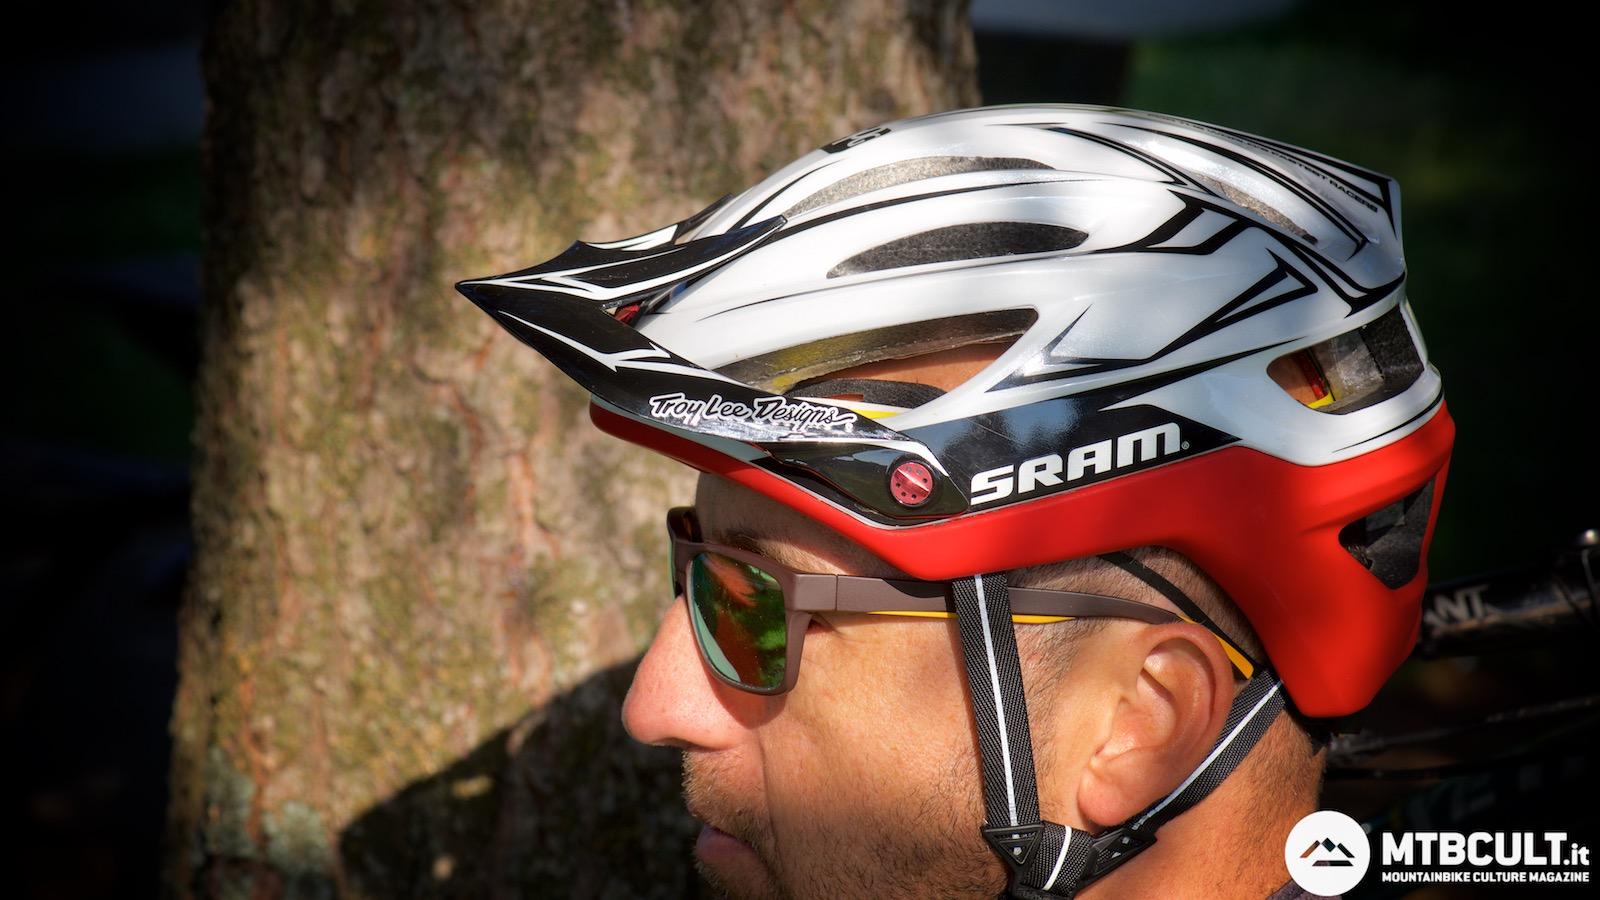 Troy Lee Designs Helmet >> TEST - Troy Lee Designs A2 Mips Sram: non c'è solo lo stile - MtbCult.it